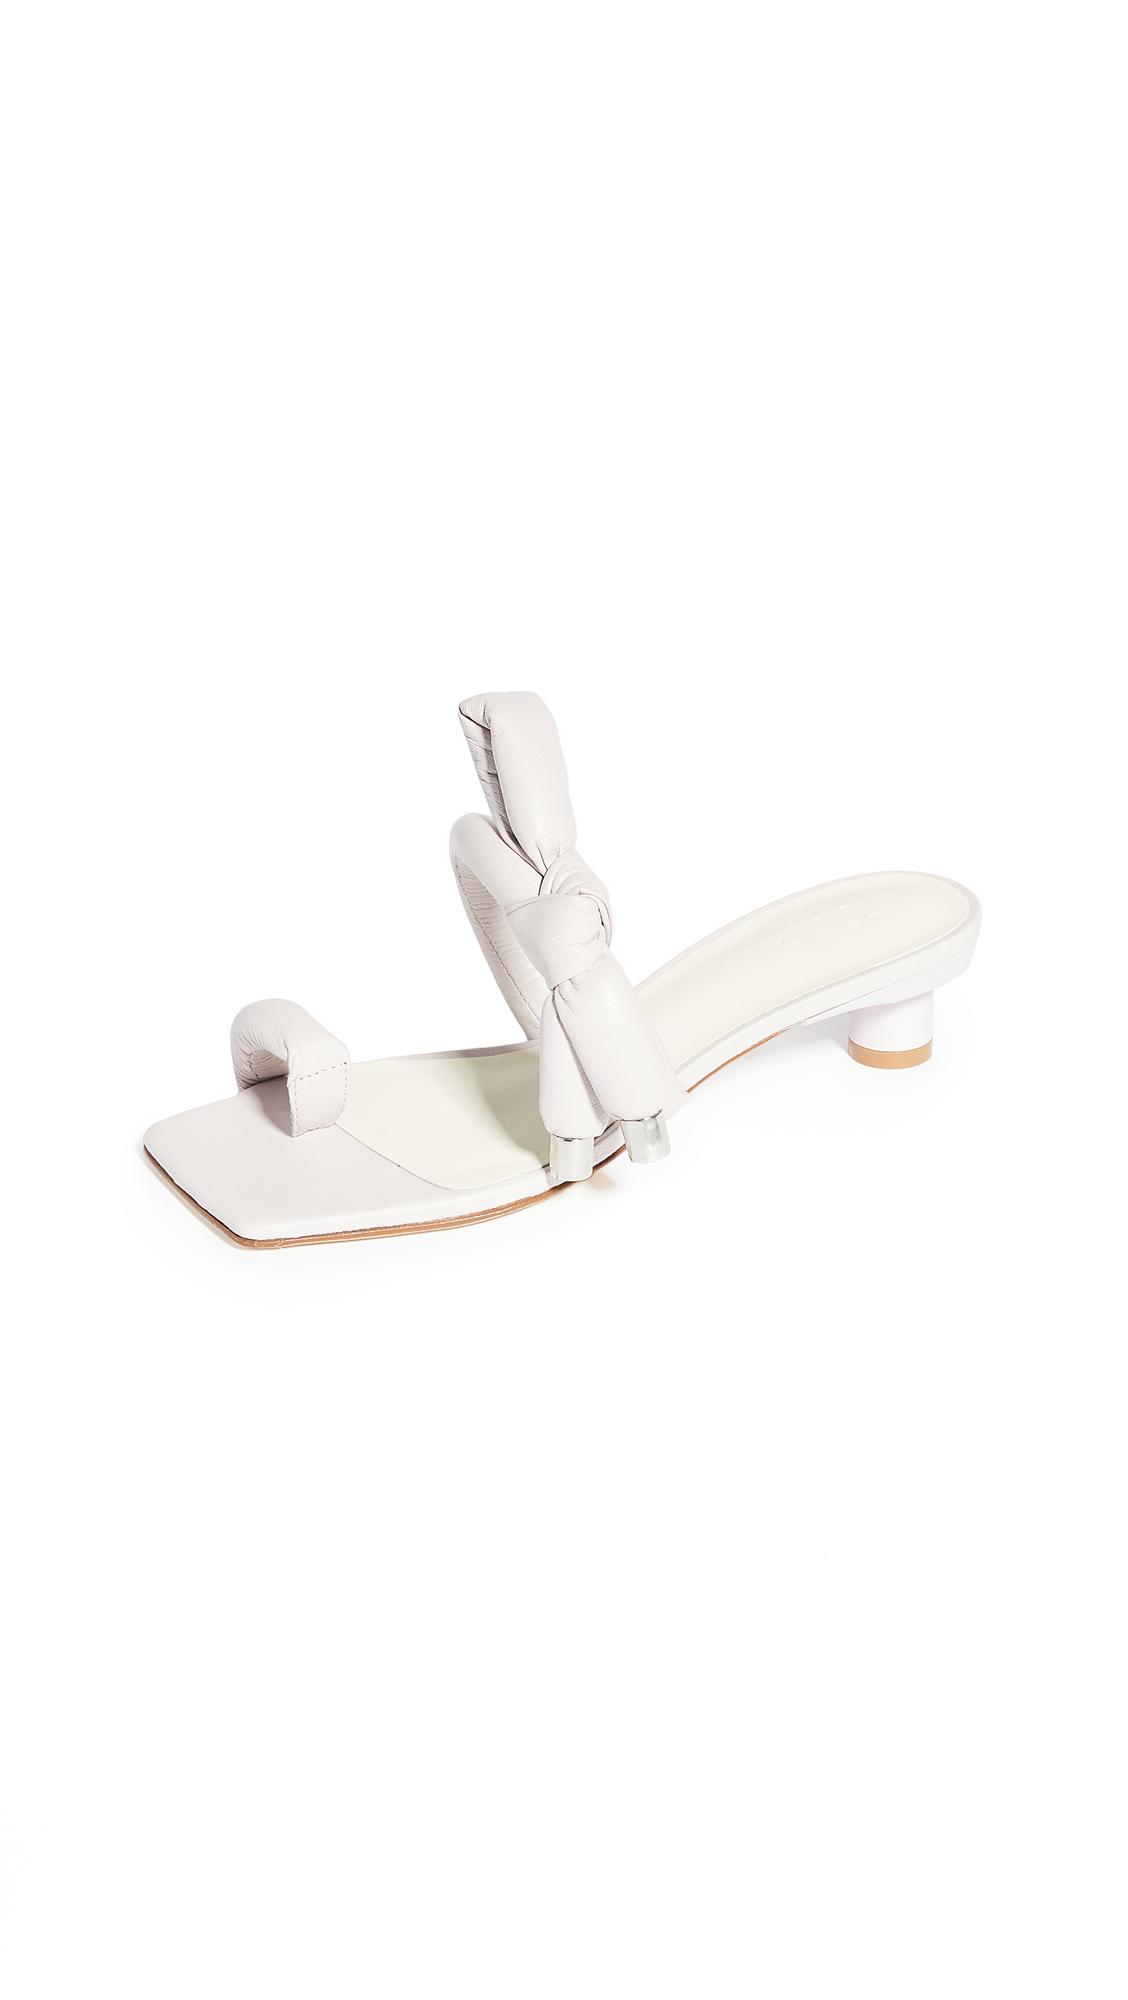 Tibi Emil Toe Ring Square Toe Sandals